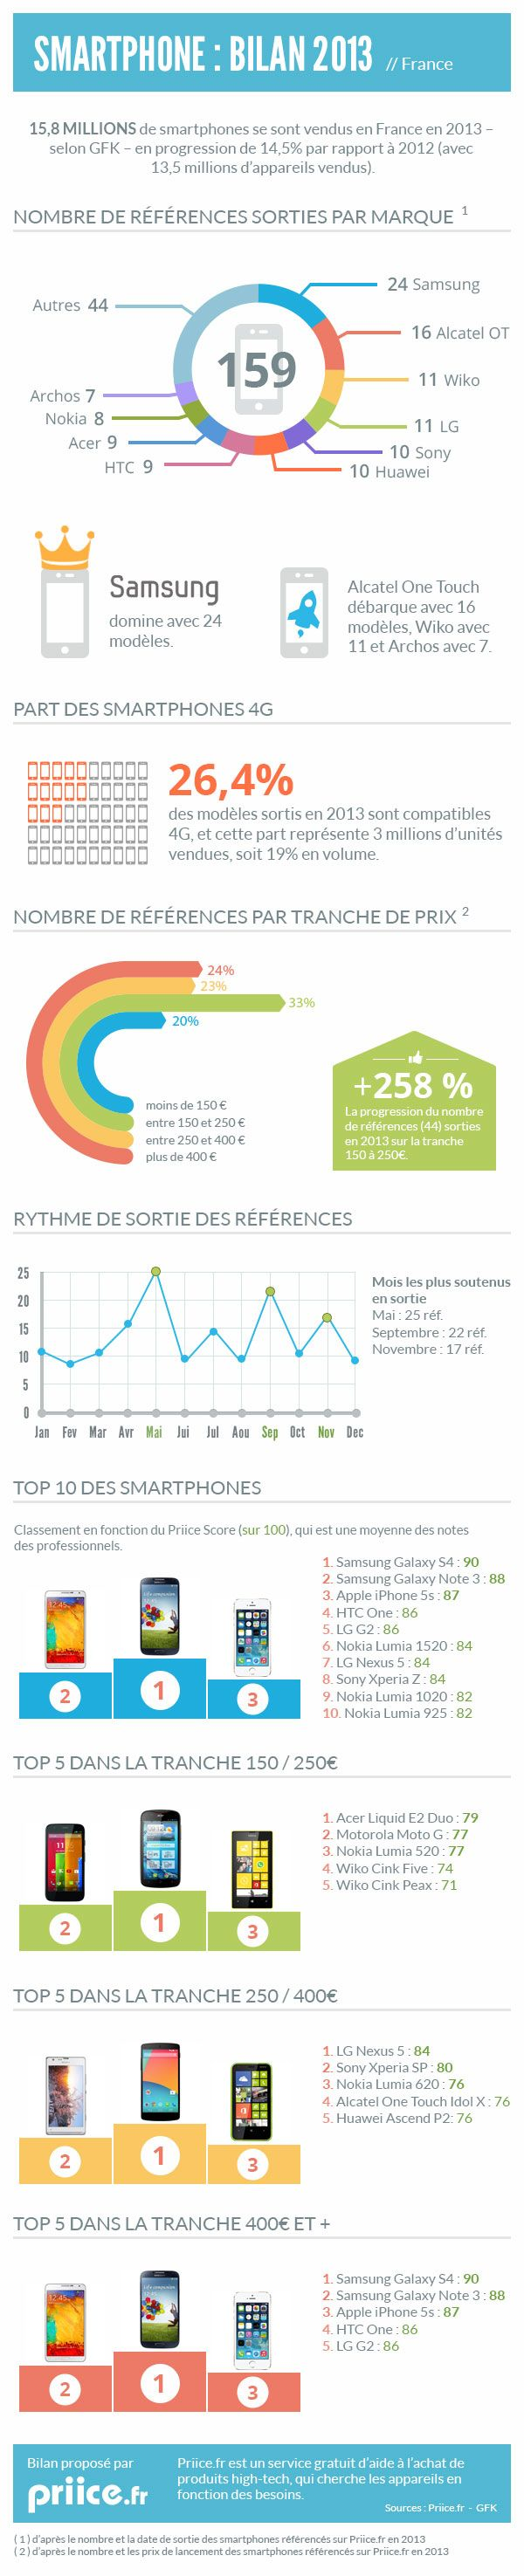 Infographie - Bilan des smartphones en 2013